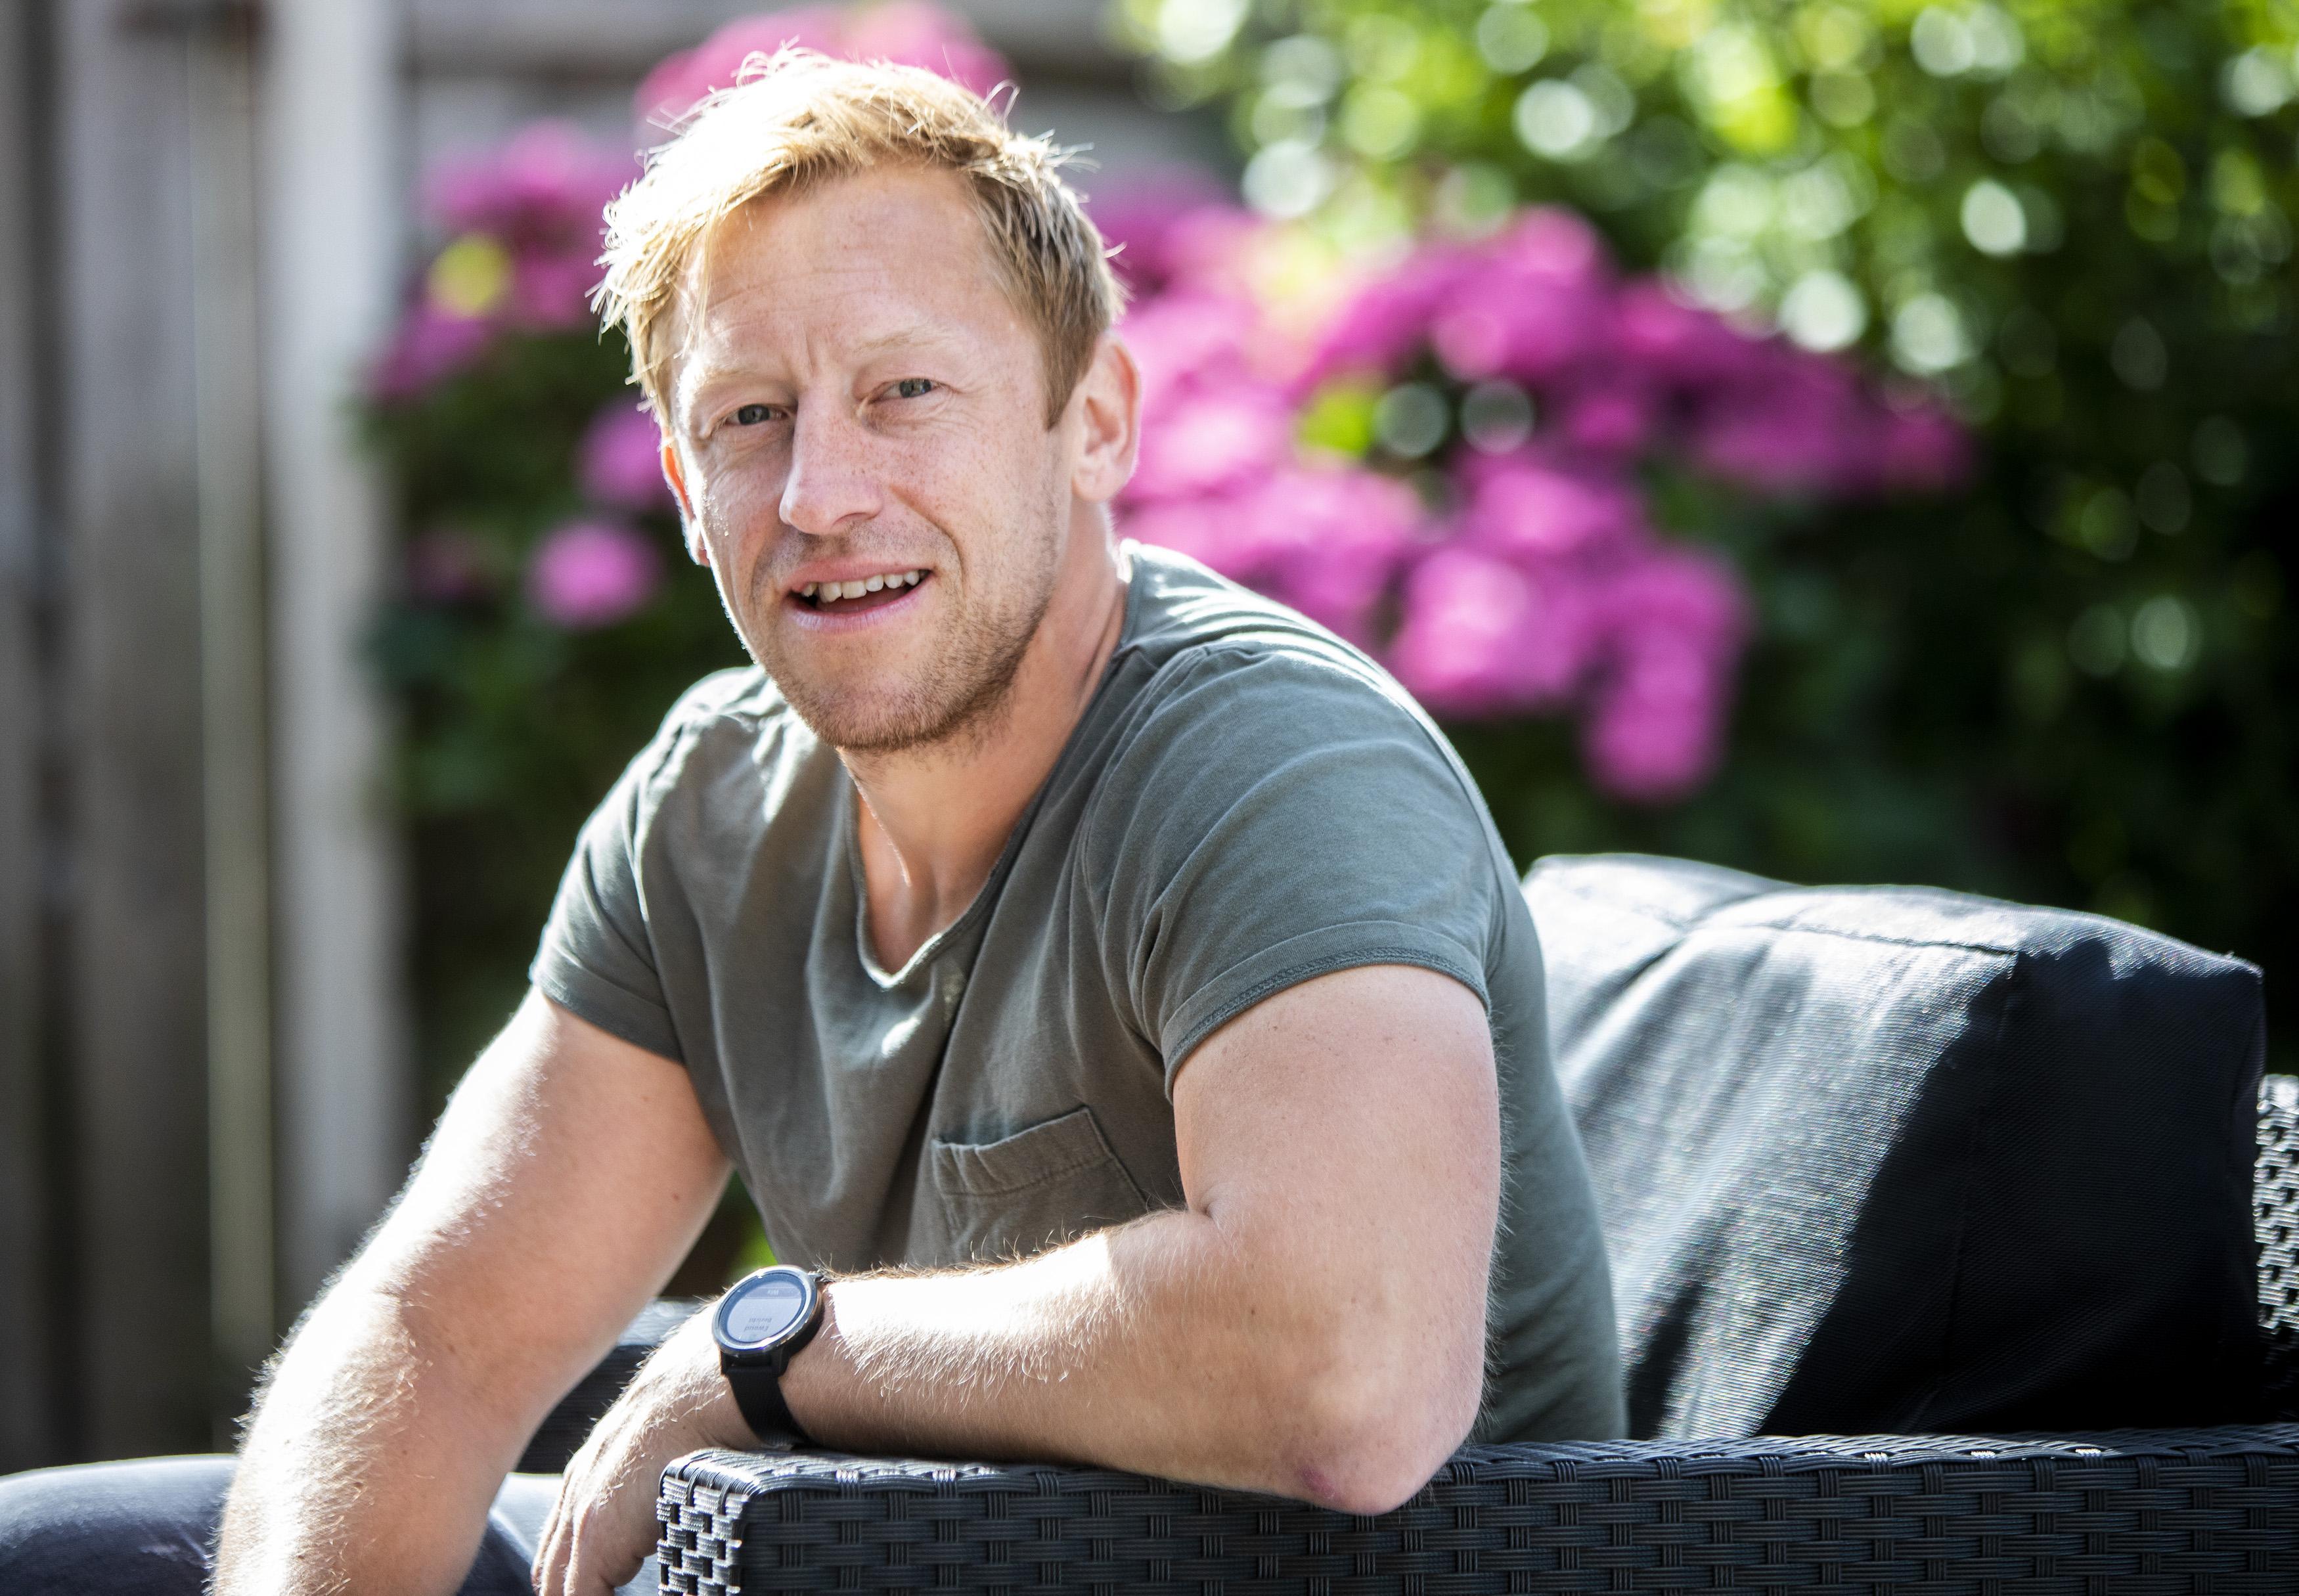 Routinier Jos Douma stopt bij Rood-Wit maar gaat in Amsterdam 3 hockeyen met enkele oud-internationals: 'Het is mooi om nog een keer mee te maken'